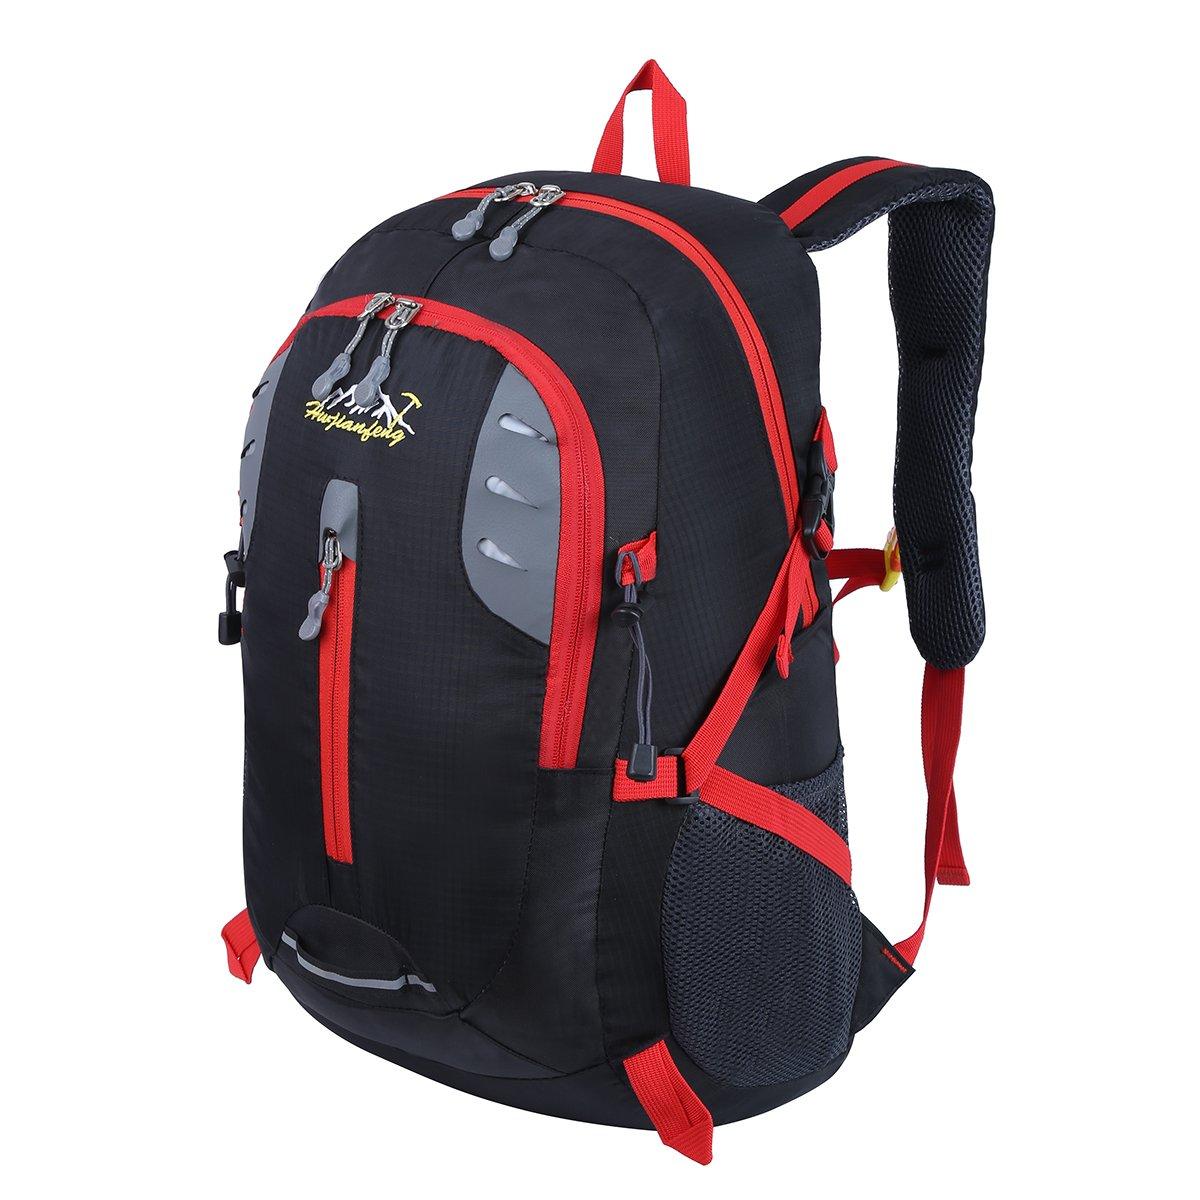 HWJIANFENG 30L Mochilas de Senderismo para Montaña de Acampadas de Nylon Mochilas de Excursion para Viajes Unisex de Ciclismo color Negro: Amazon.es: ...